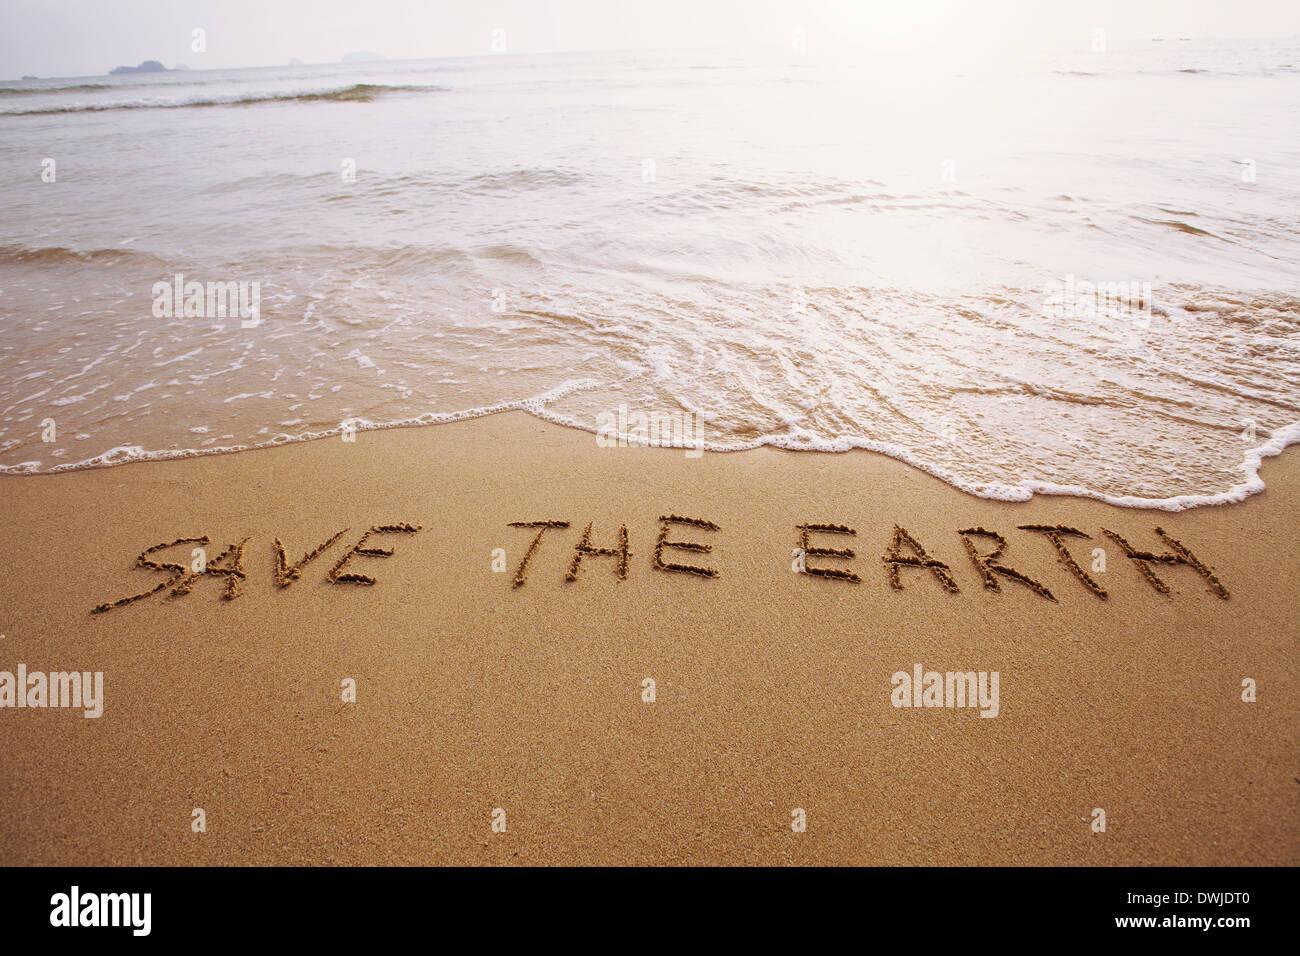 sauver la terre Photo Stock